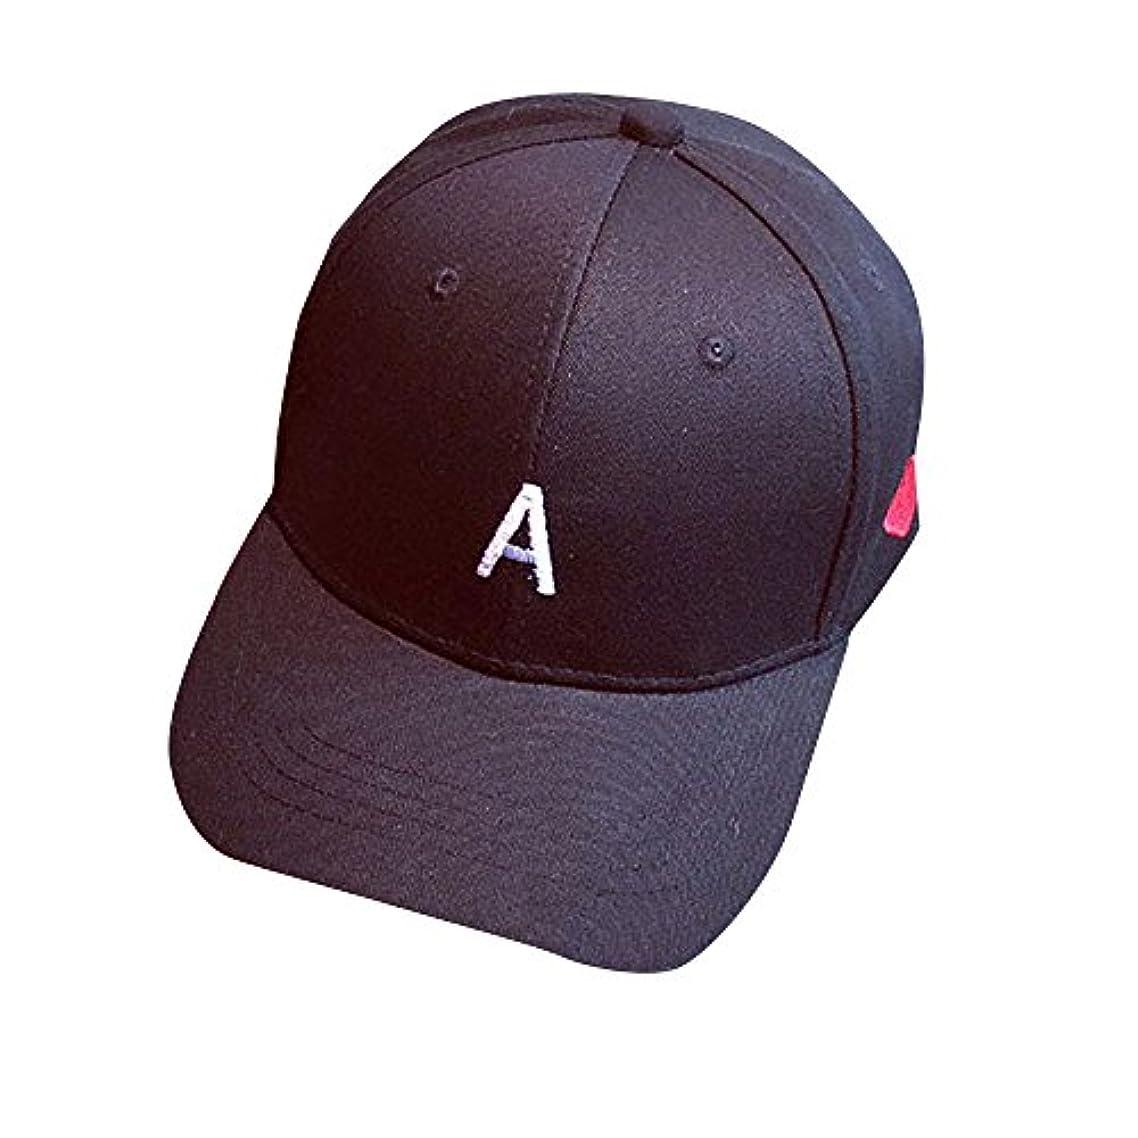 キルススタッフ経済的Racazing Cap 文字刺繍 野球帽 無地 キャップ 夏 登山 通気性のある 帽子 ベルクロ 可調整可能 ヒップホップ 棒球帽 UV 帽子 軽量 屋外 Unisex Hat (黒)